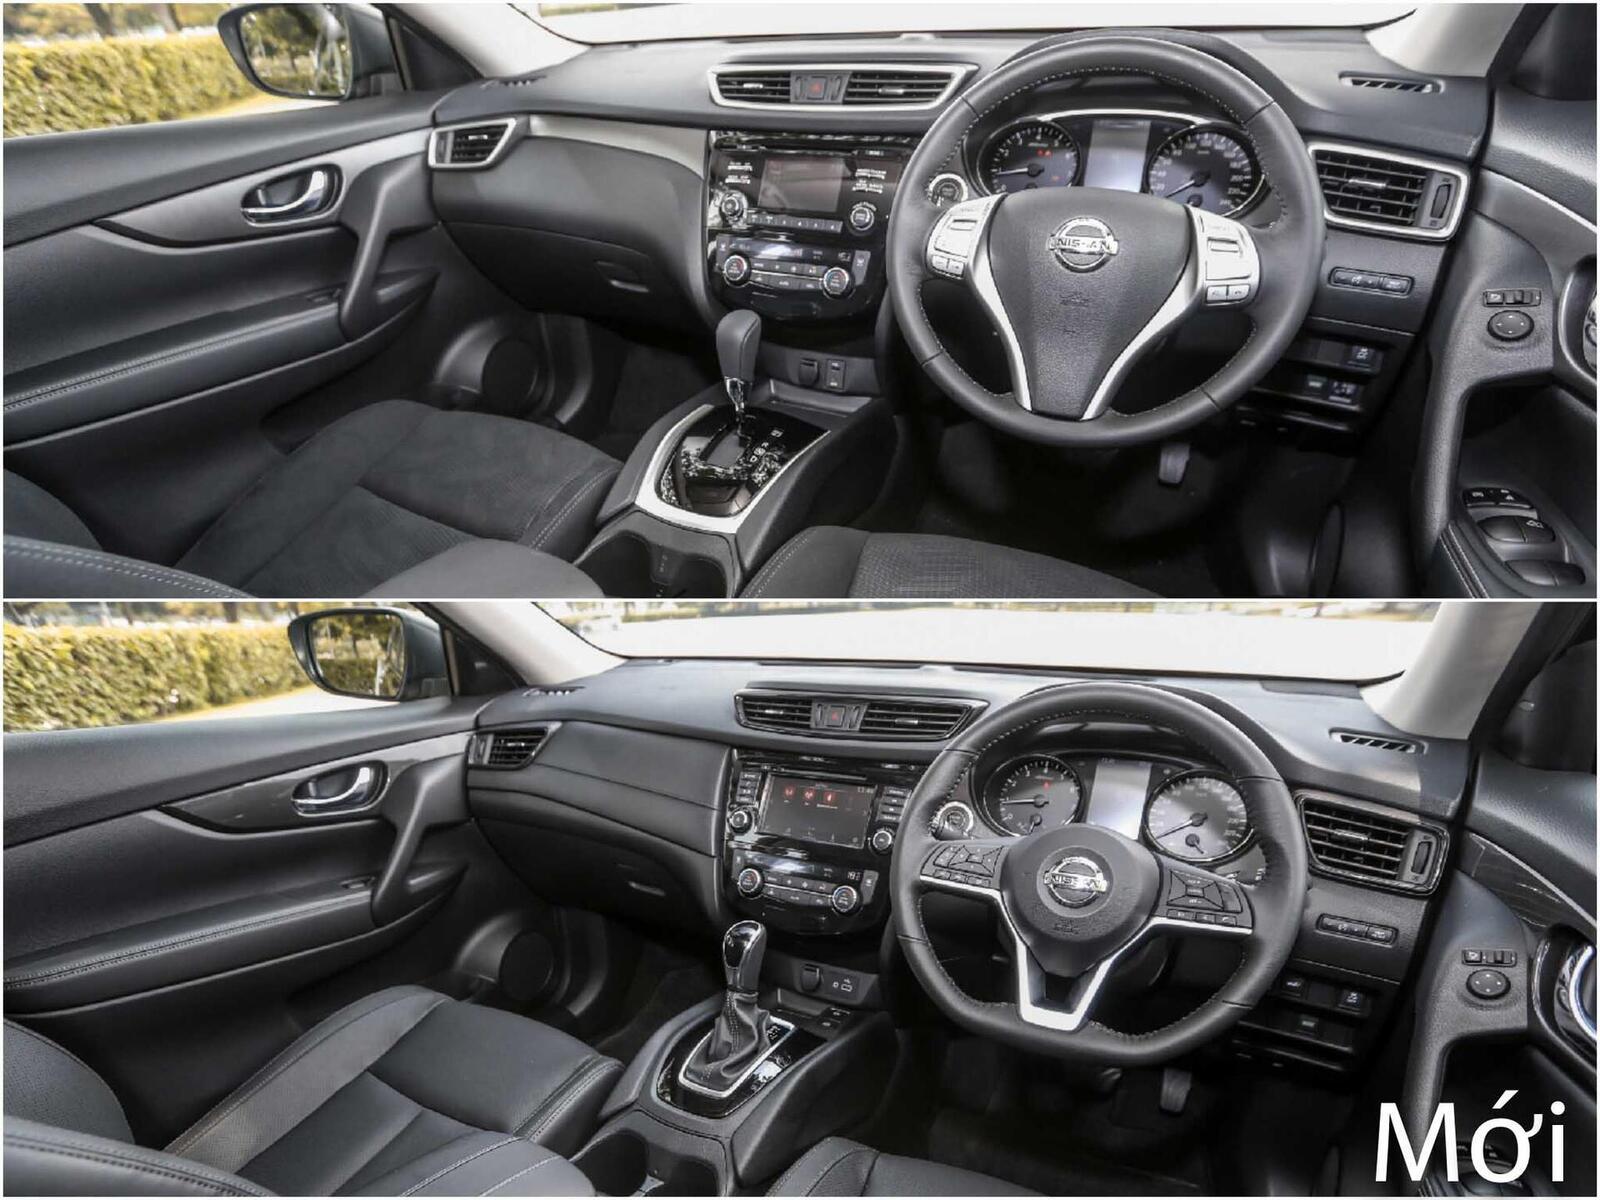 Sự khác biệt giữa Nissan X-Trail phiên bản nâng cấp facelift mới và cũ - Hình 10